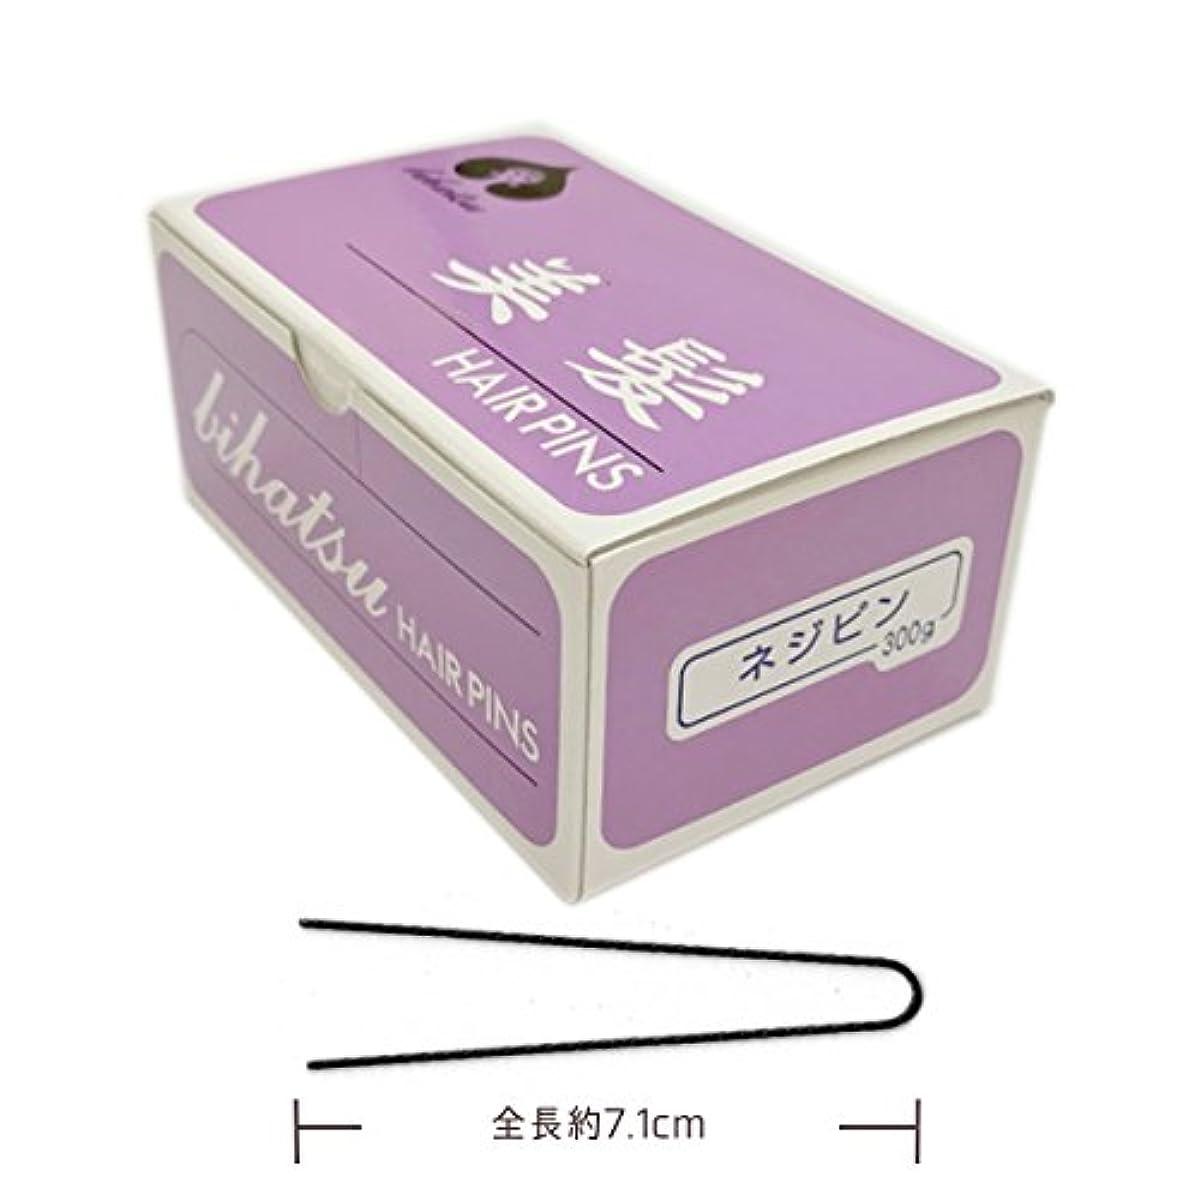 活気づける解釈資本ヒラヤマ ビハツ ネジピン (美髪) 300g約340本入